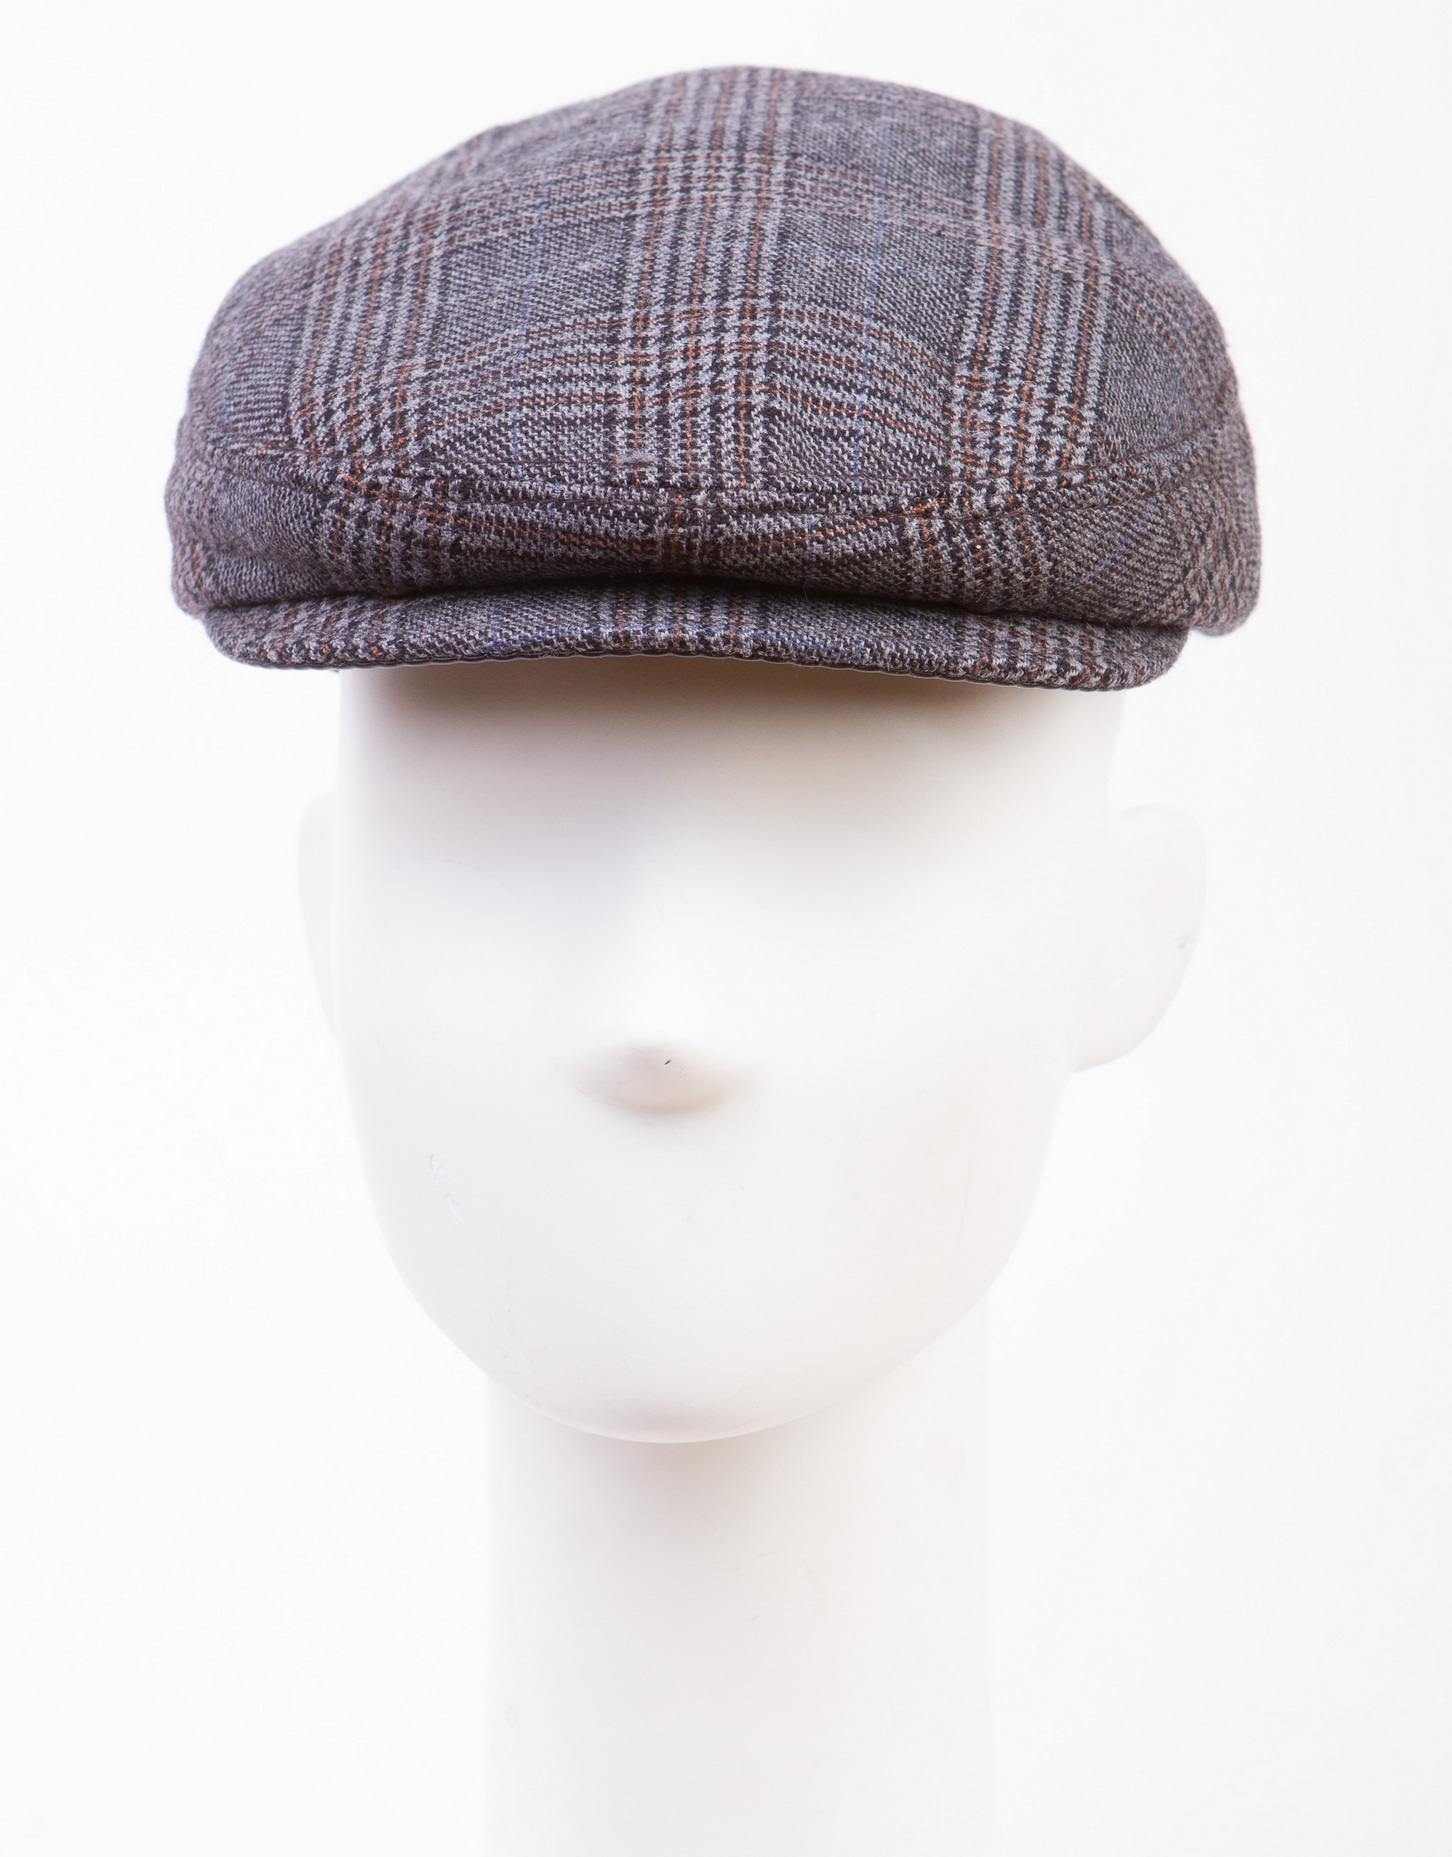 Кепка мужская из текстиля, без отделки Московская Меховая Компания